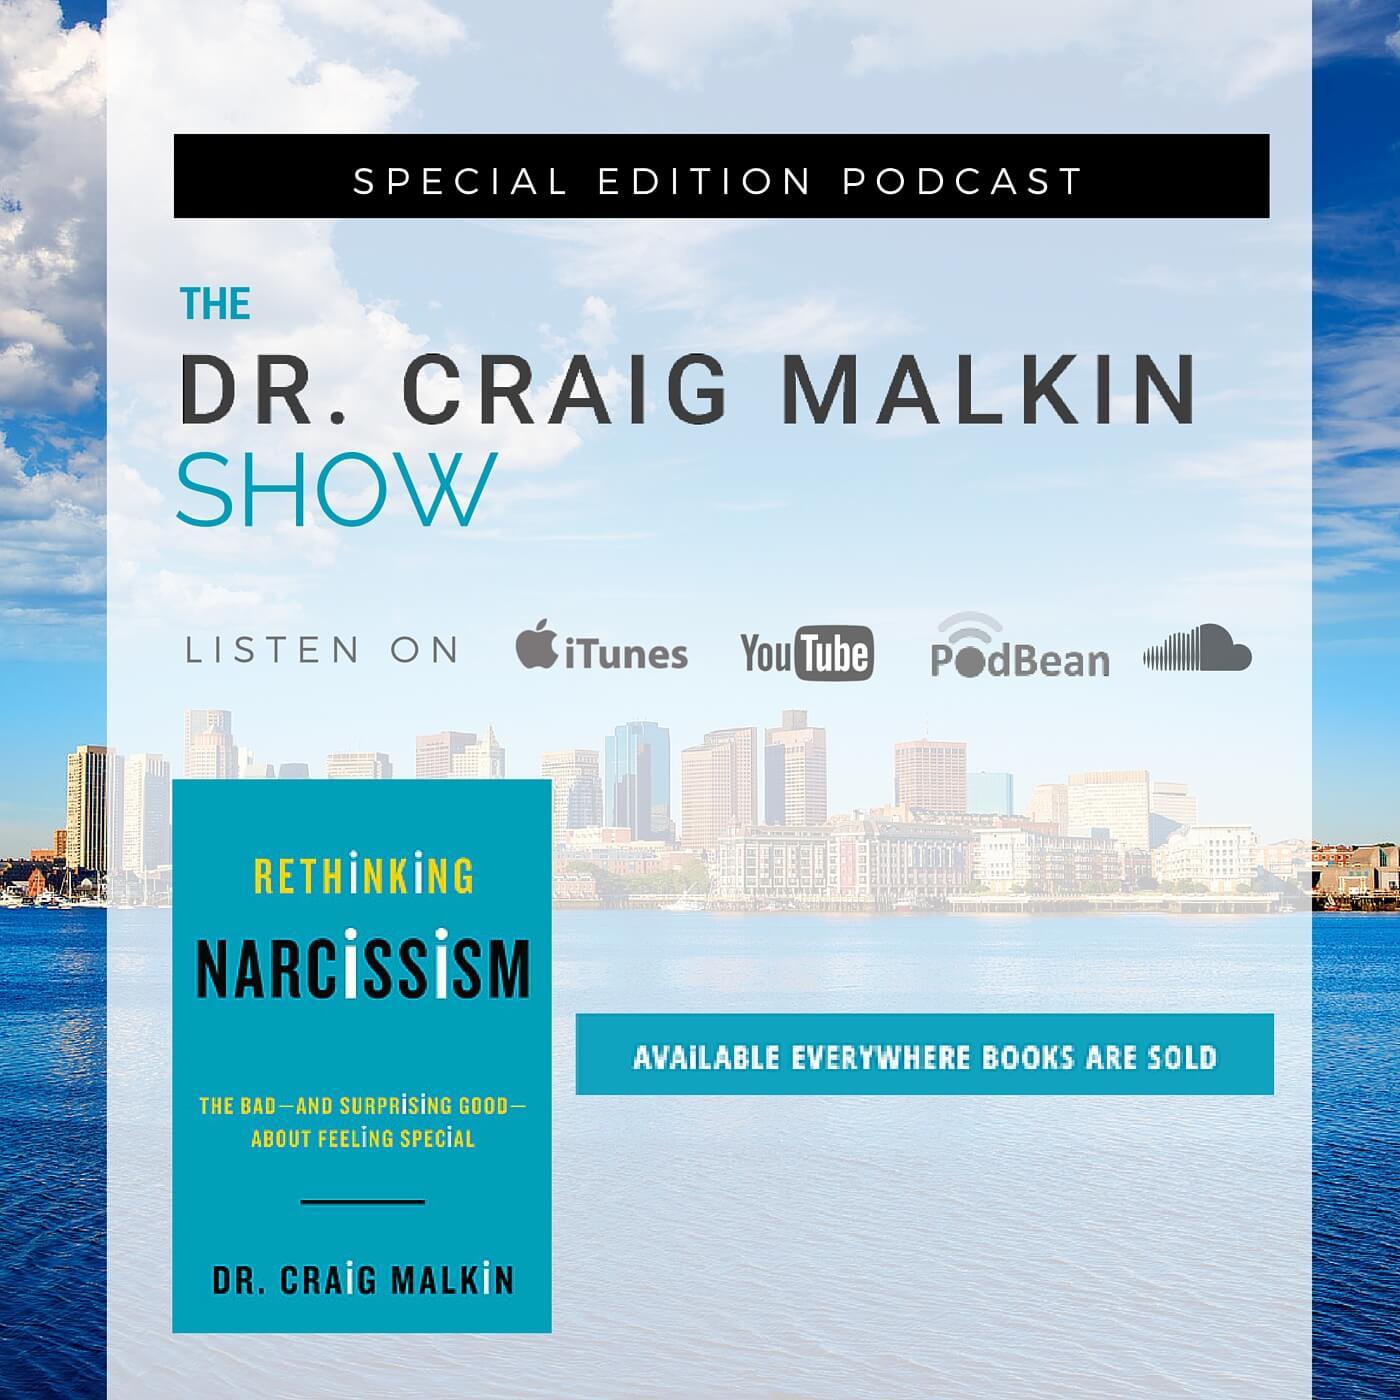 The Dr. Craig Malkin Show